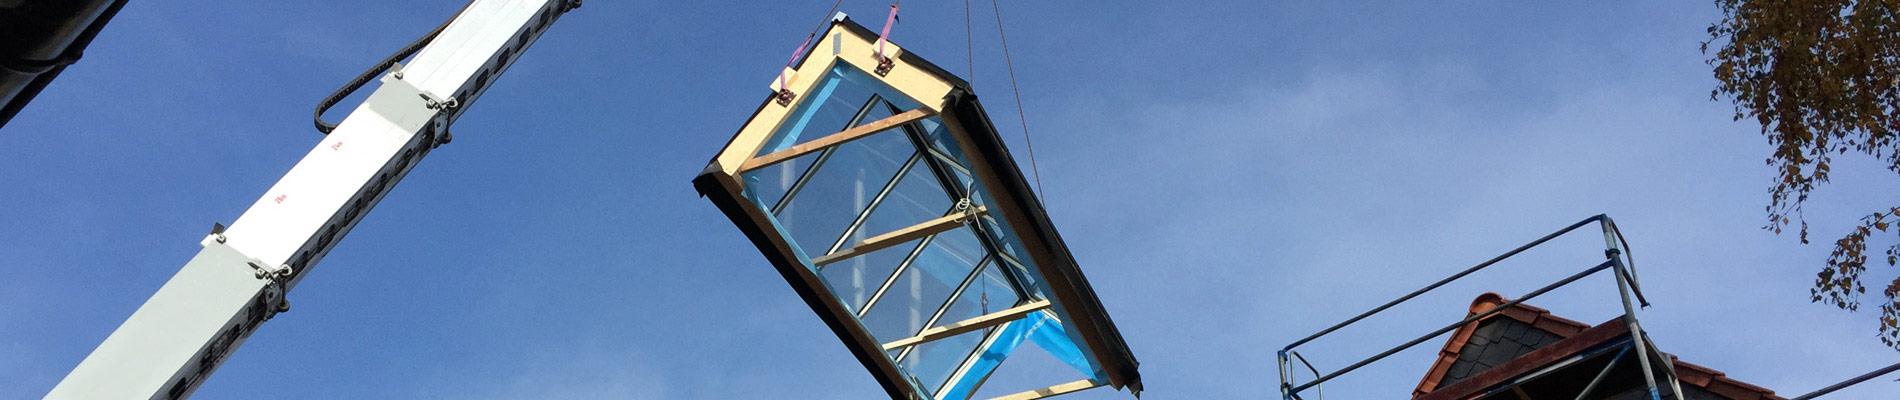 GLASOLUX Montage für anspruchsvolle Dachverglasungen